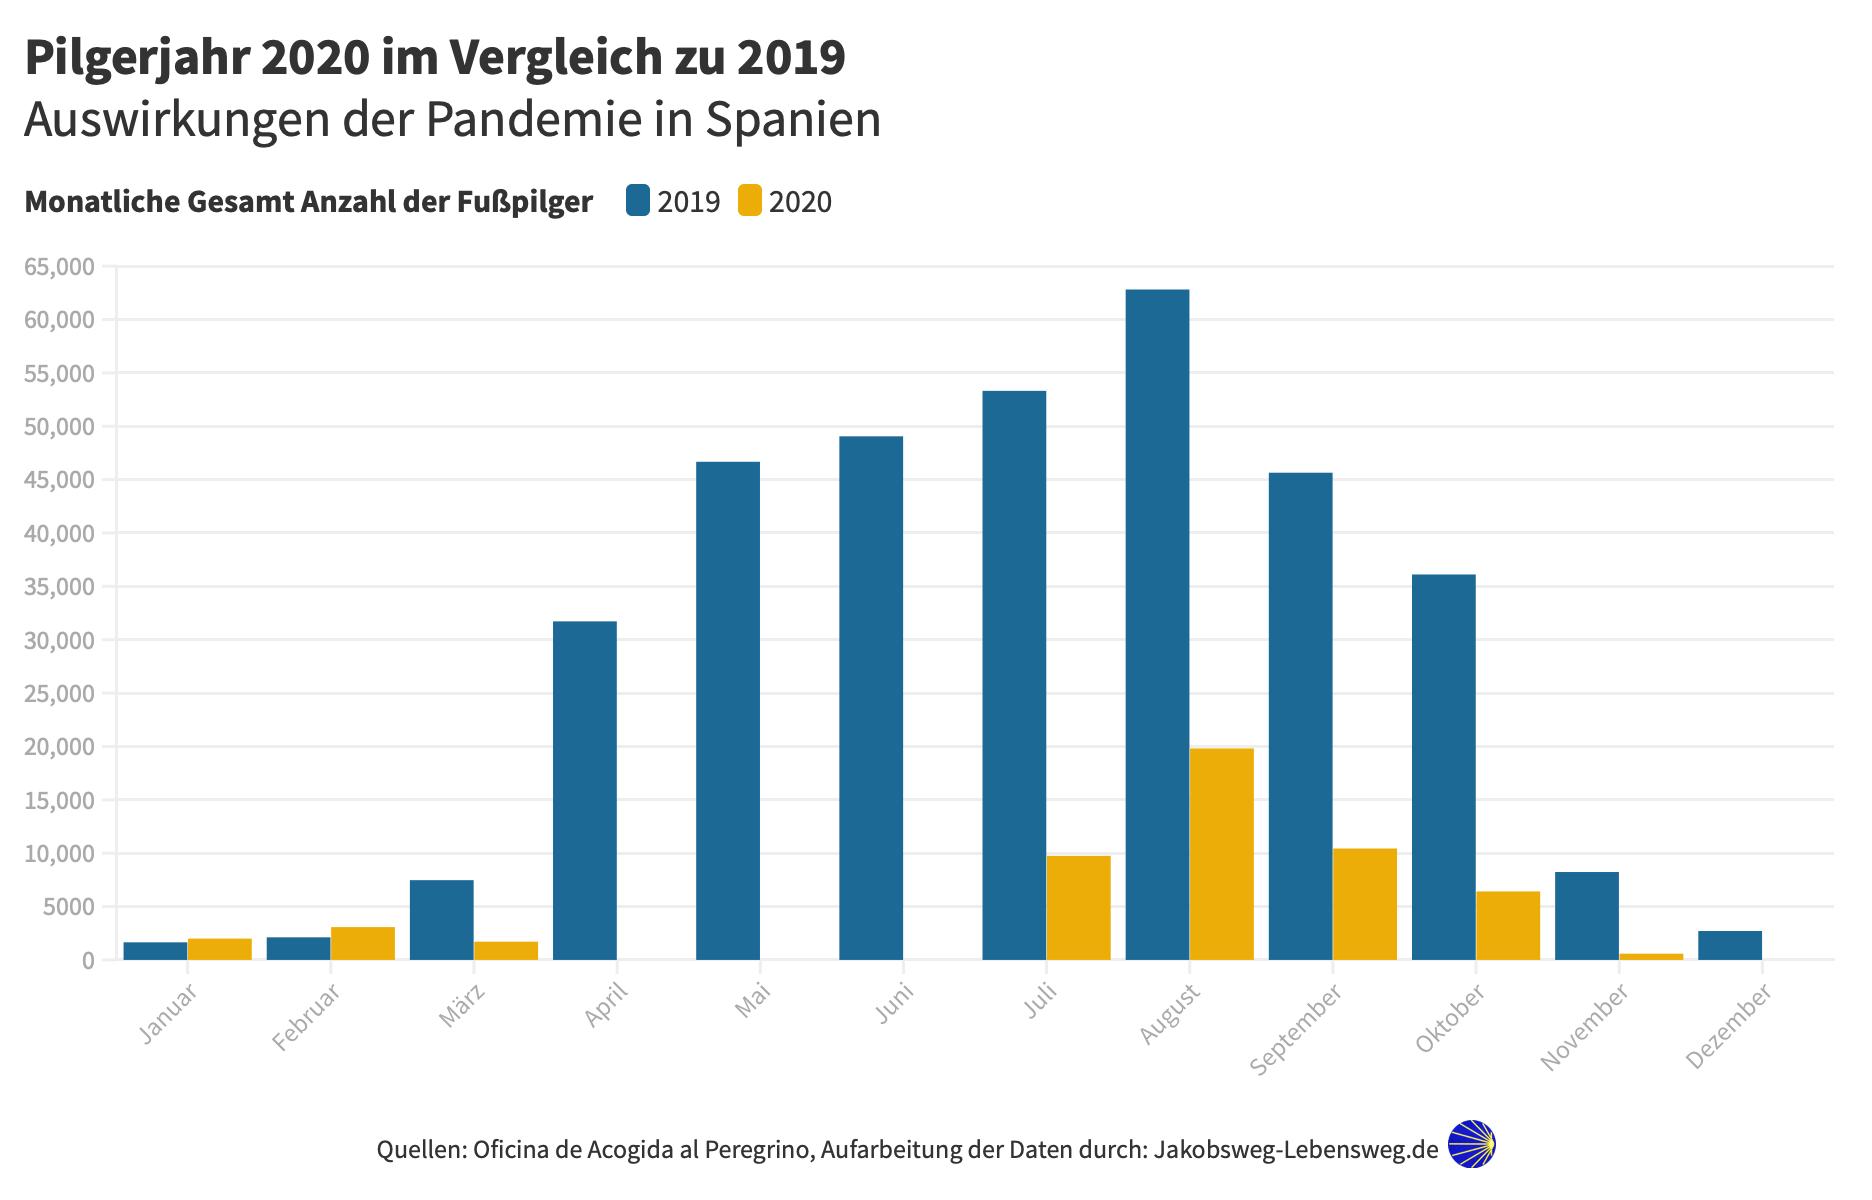 Pilger Statistik Jahr 2020 zu 2019